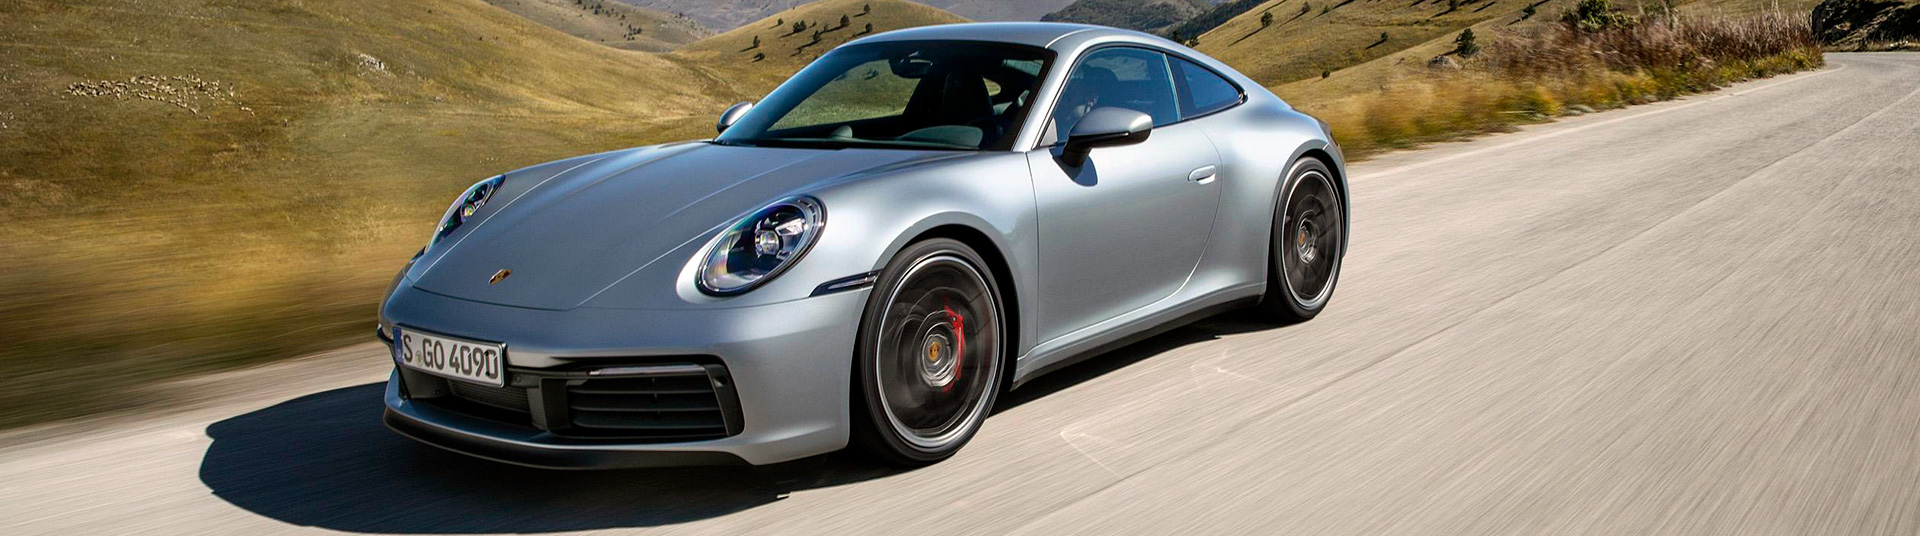 Porsche 911_2018_1920